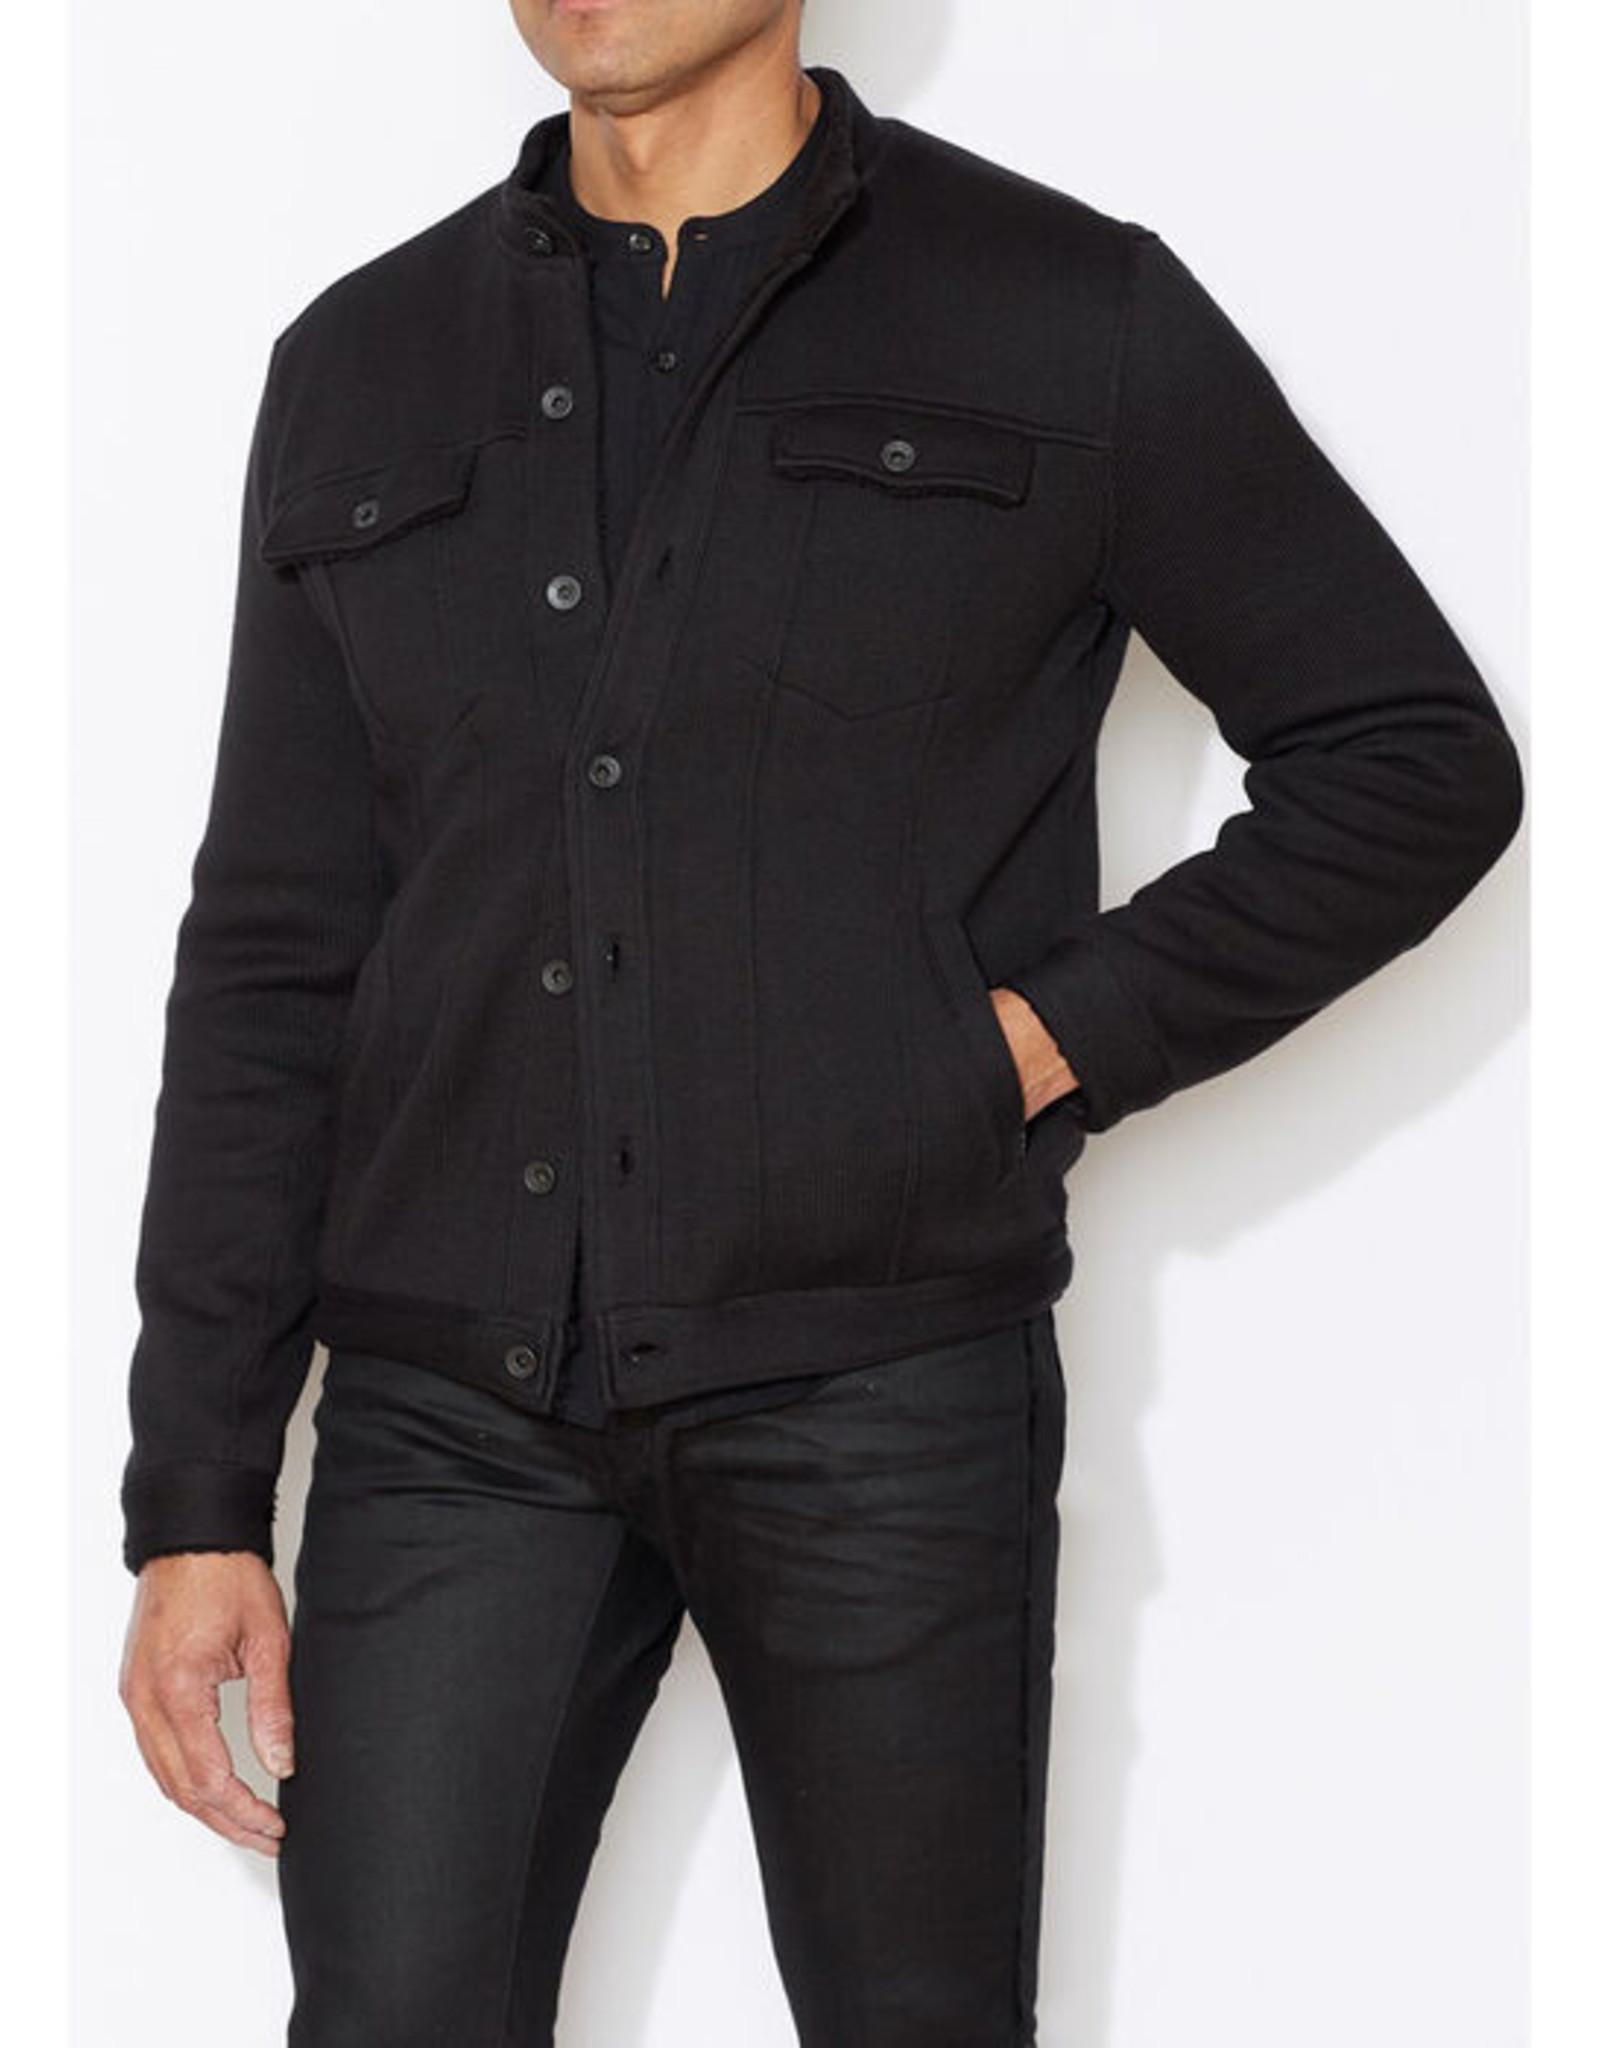 John Varvatos John Varvatos Sherpa-Lined Knit Jacket